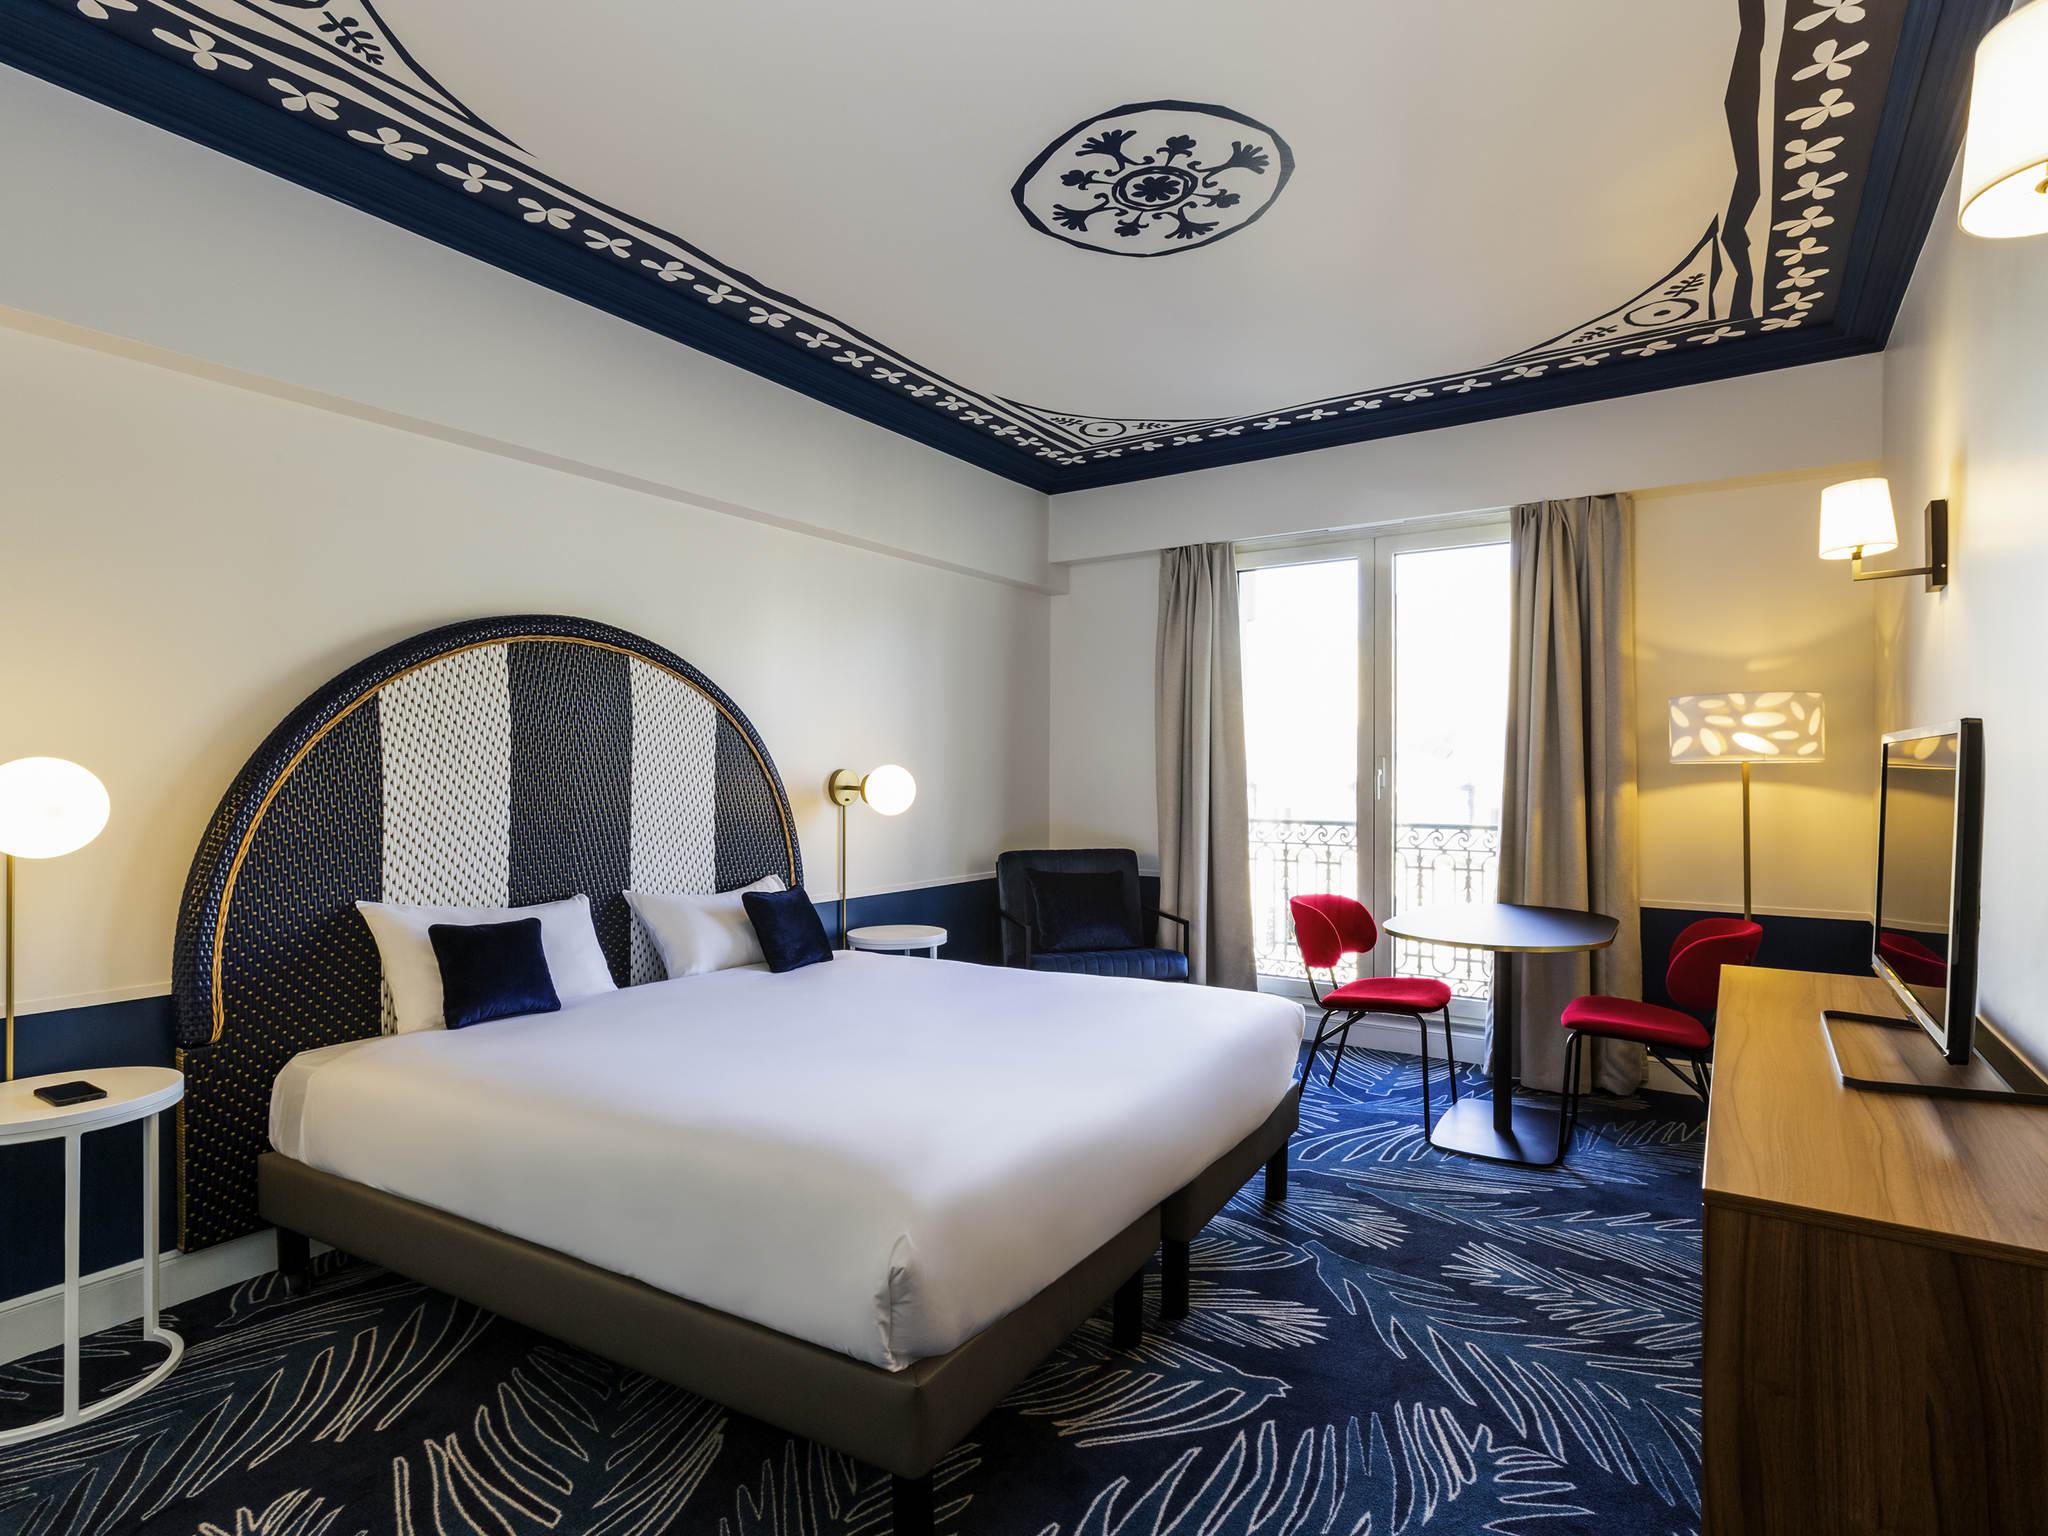 Hotel – Aparthotel Adagio Parijs Haussmann